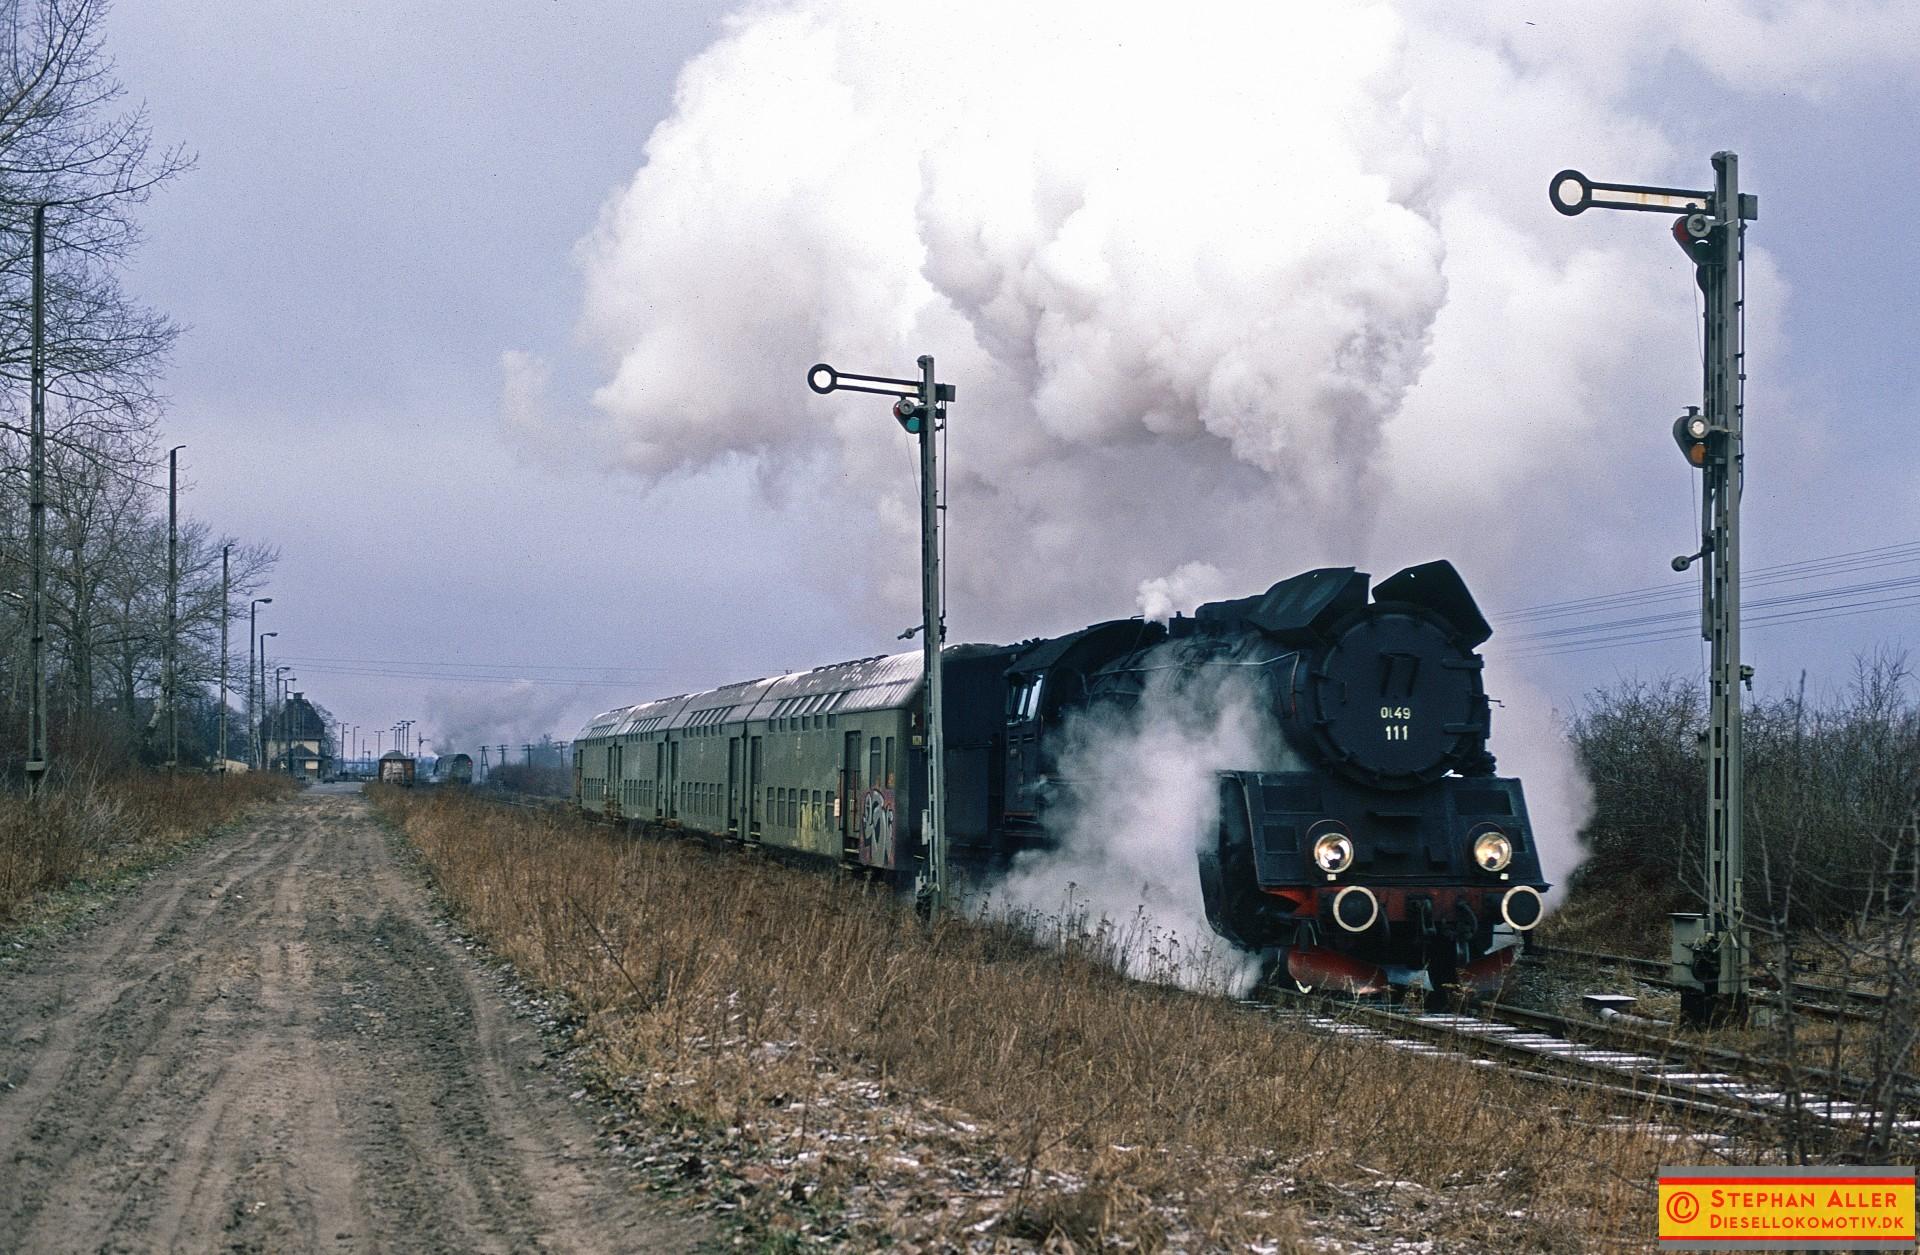 FP6457r